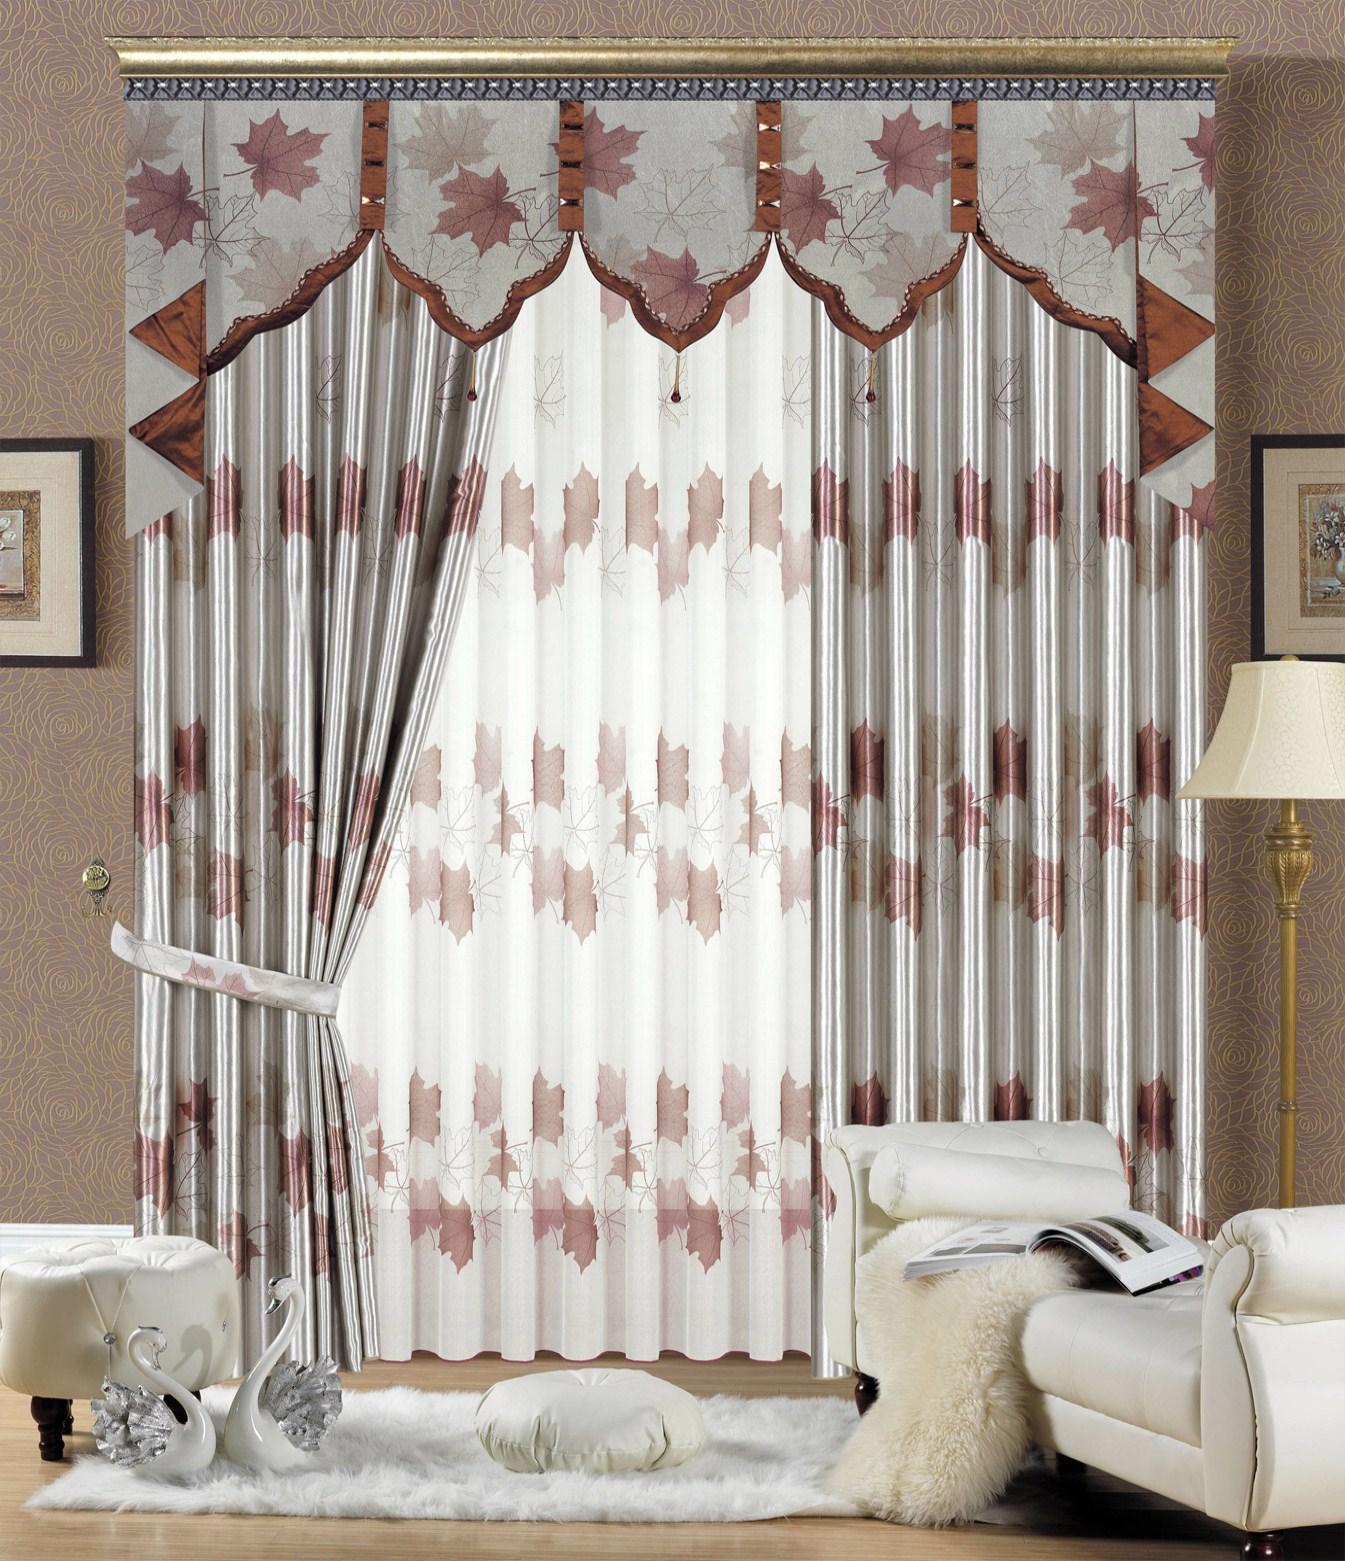 Rèm che nắng cửa sổ bằng vải gấm họa tiết lá phong